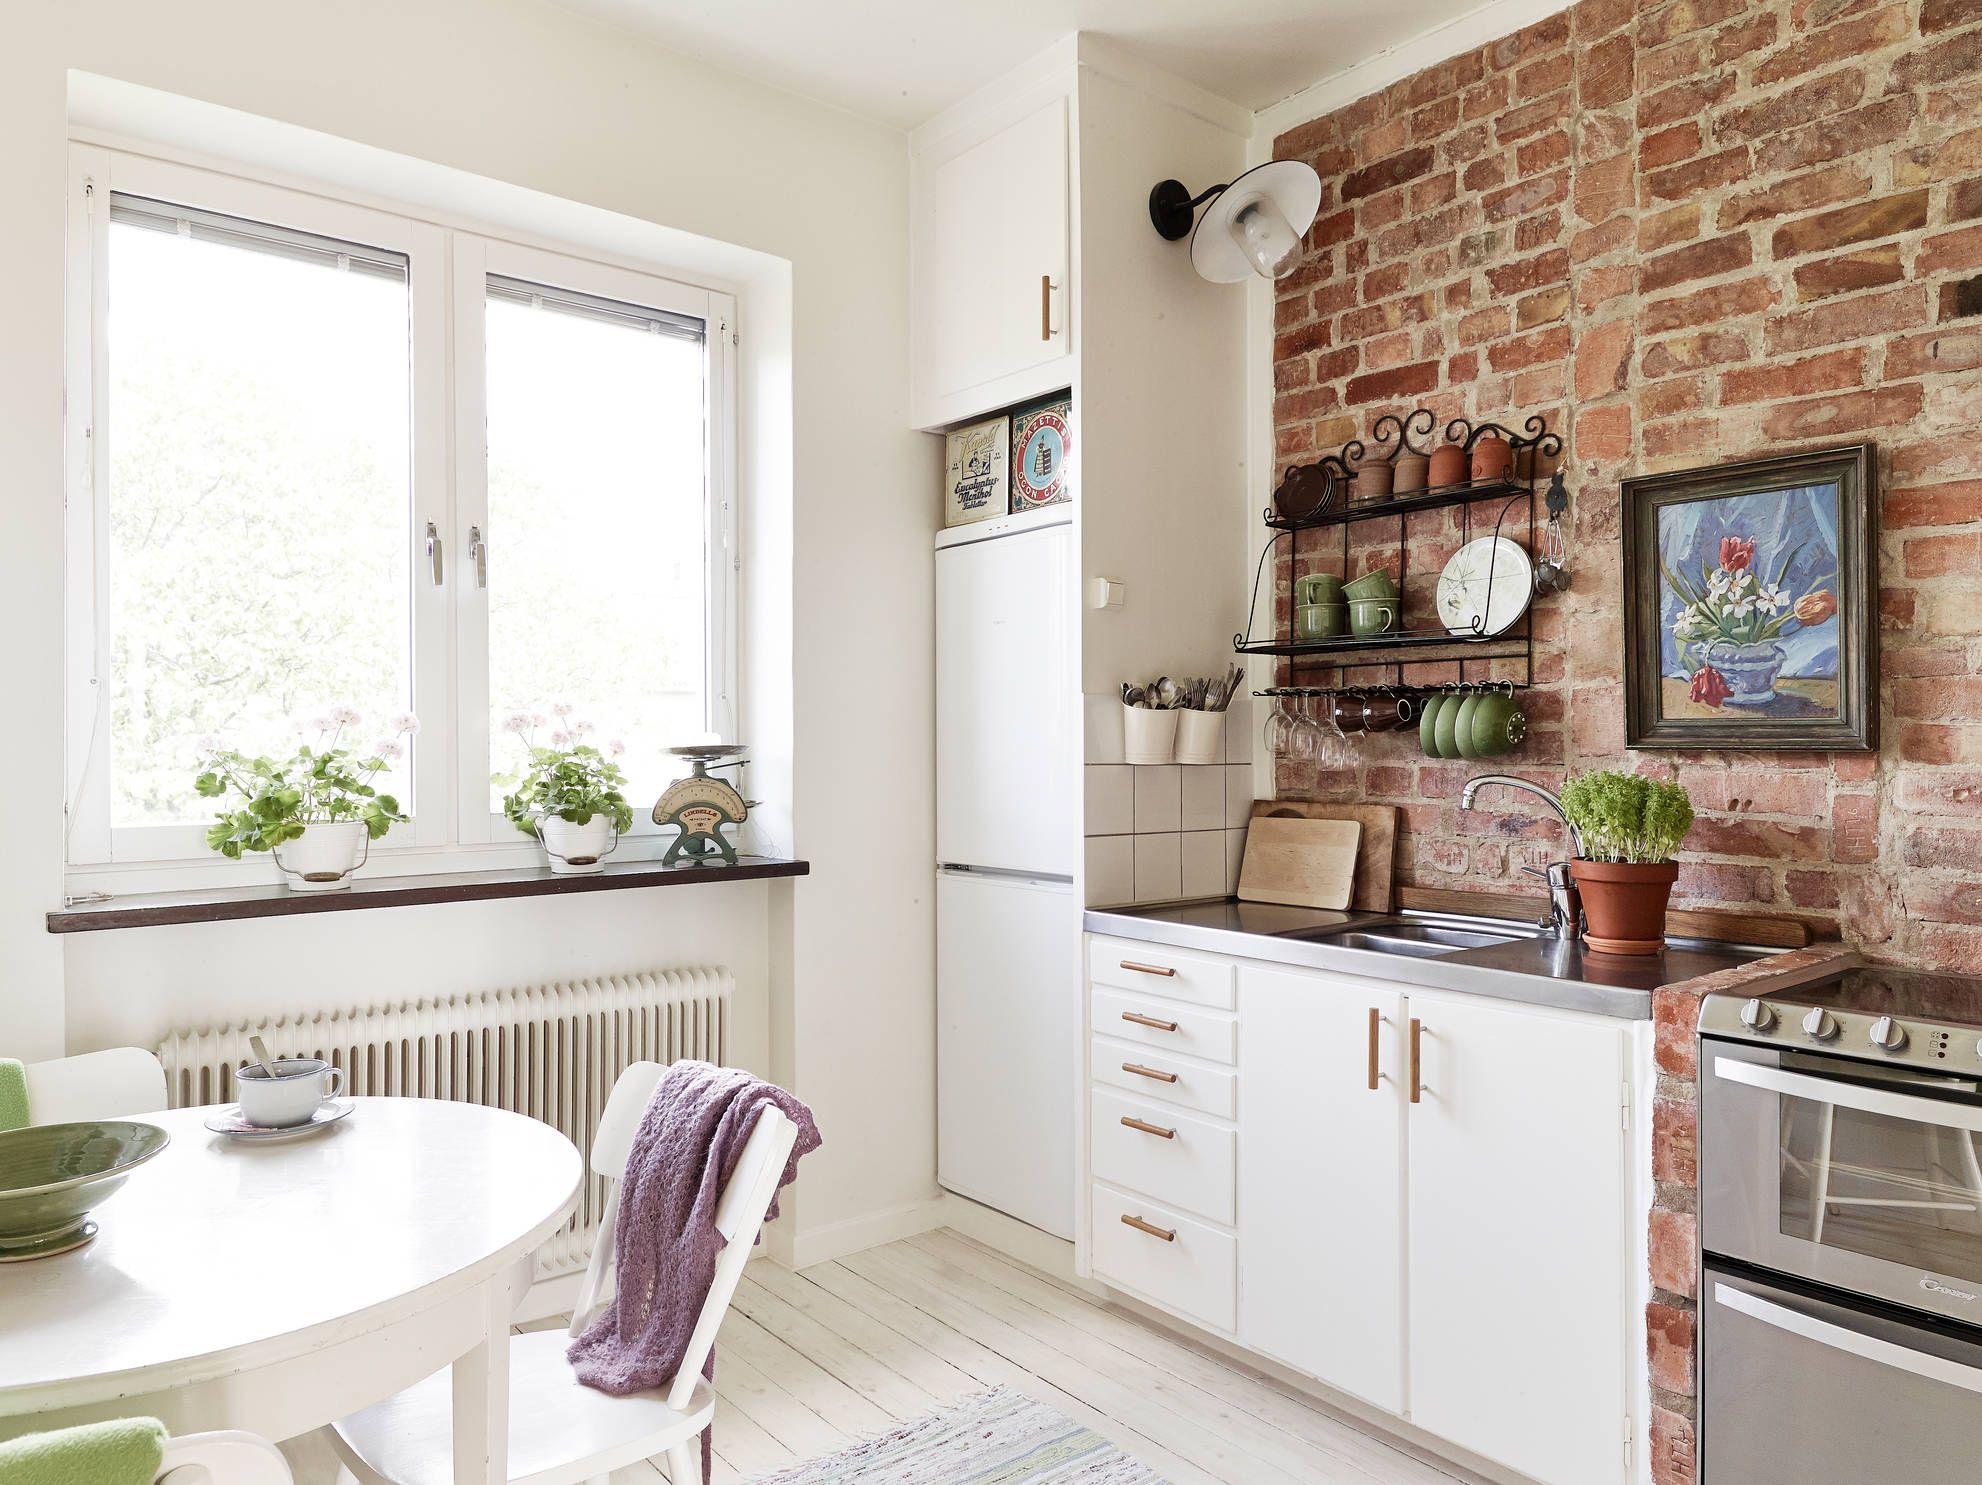 Brick wall kitchen | Brick wall kitchen, Bricks and Kitchens